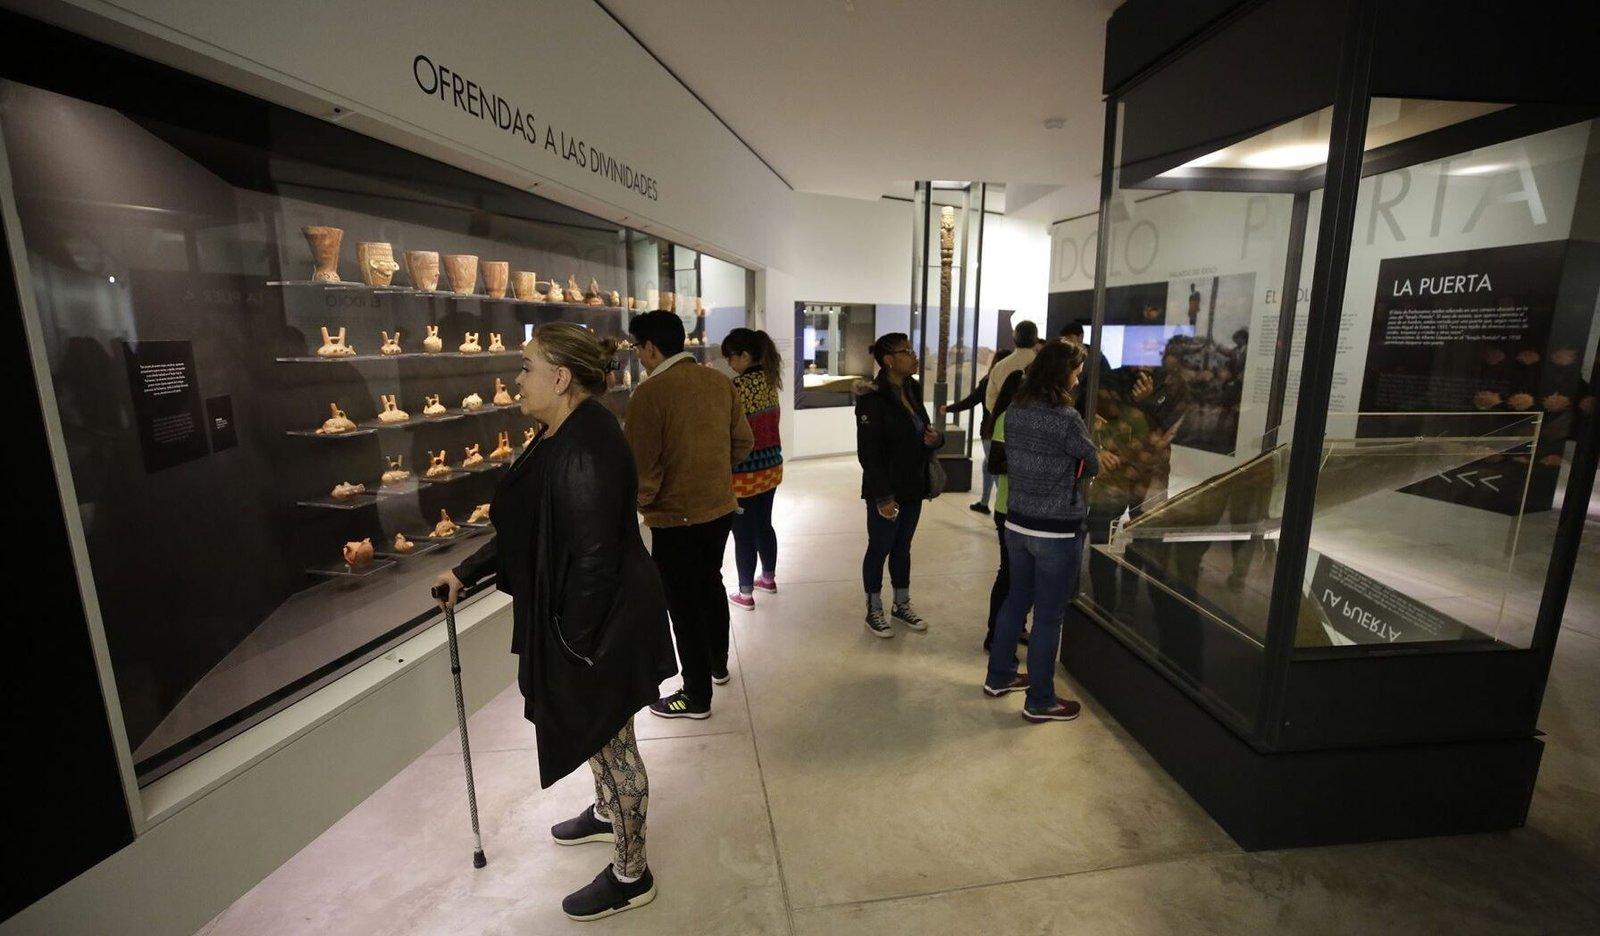 museos y sitios arqueológicos gratis hasta 31 diciembre